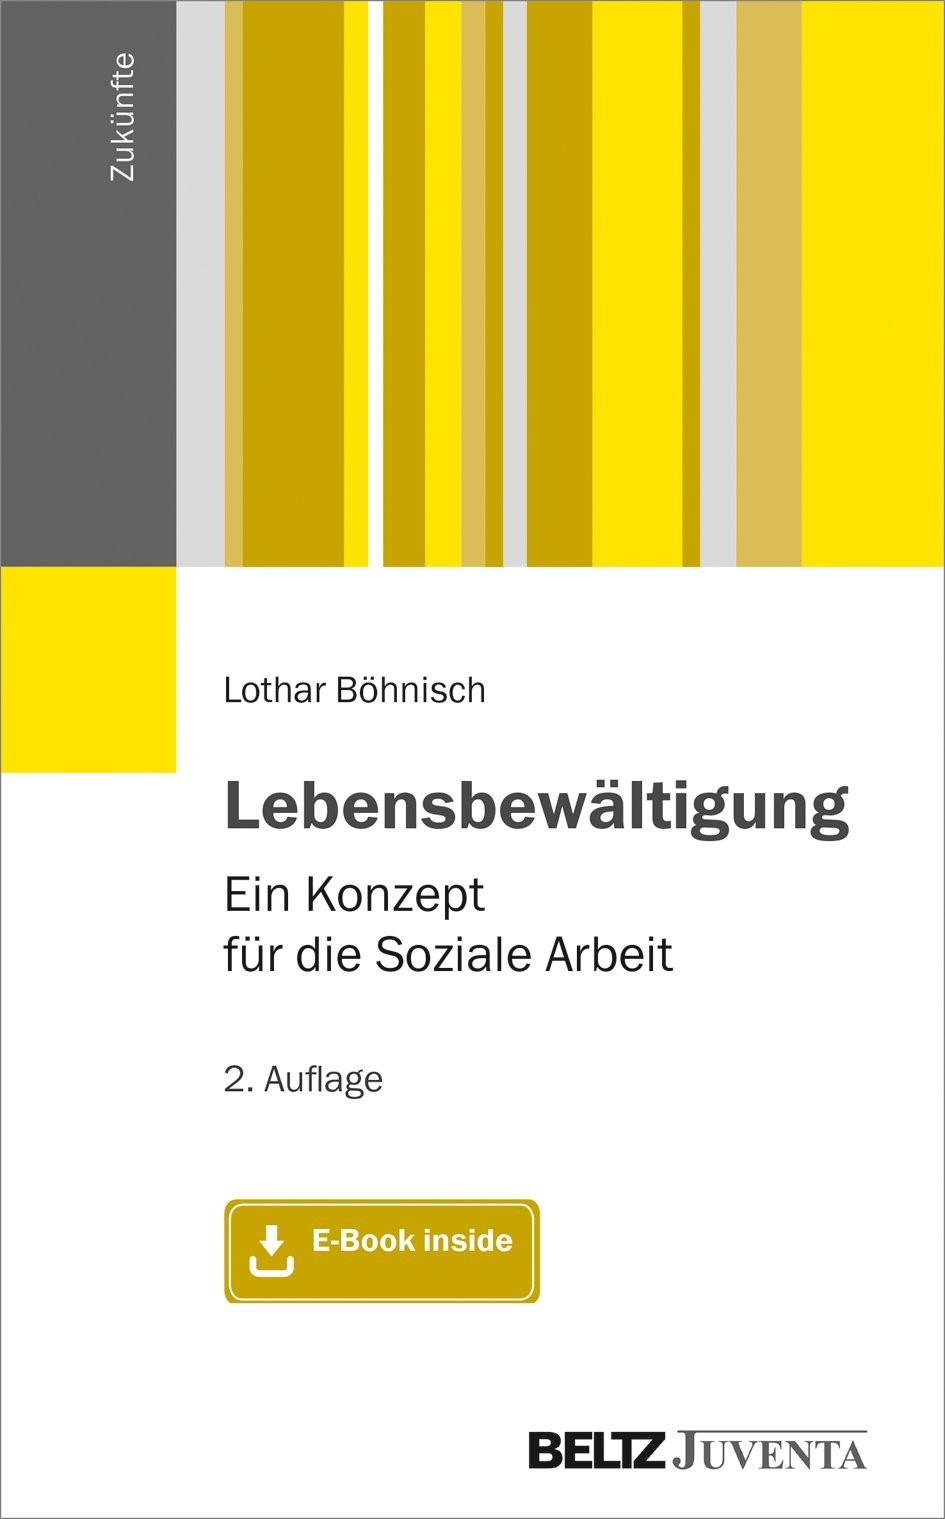 Abbildung von Böhnisch | Lebensbewältigung | 2., überarbeitete Aufl. | 2019